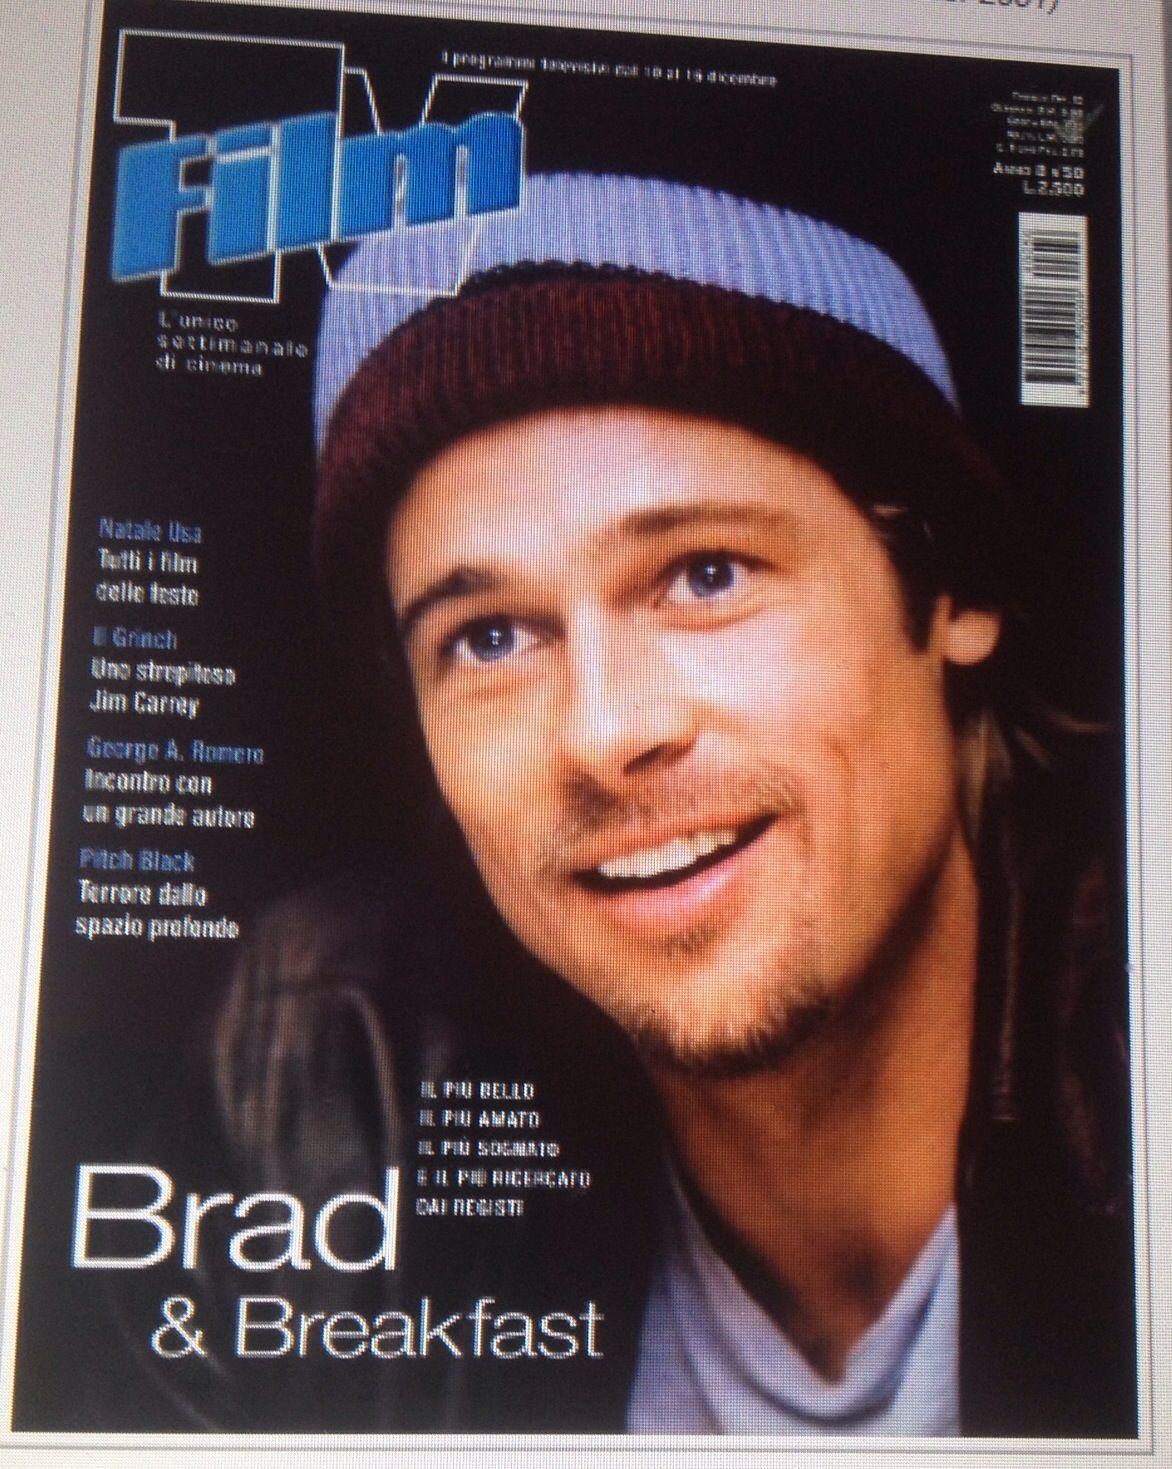 Pin it Like Image Brad Pitt